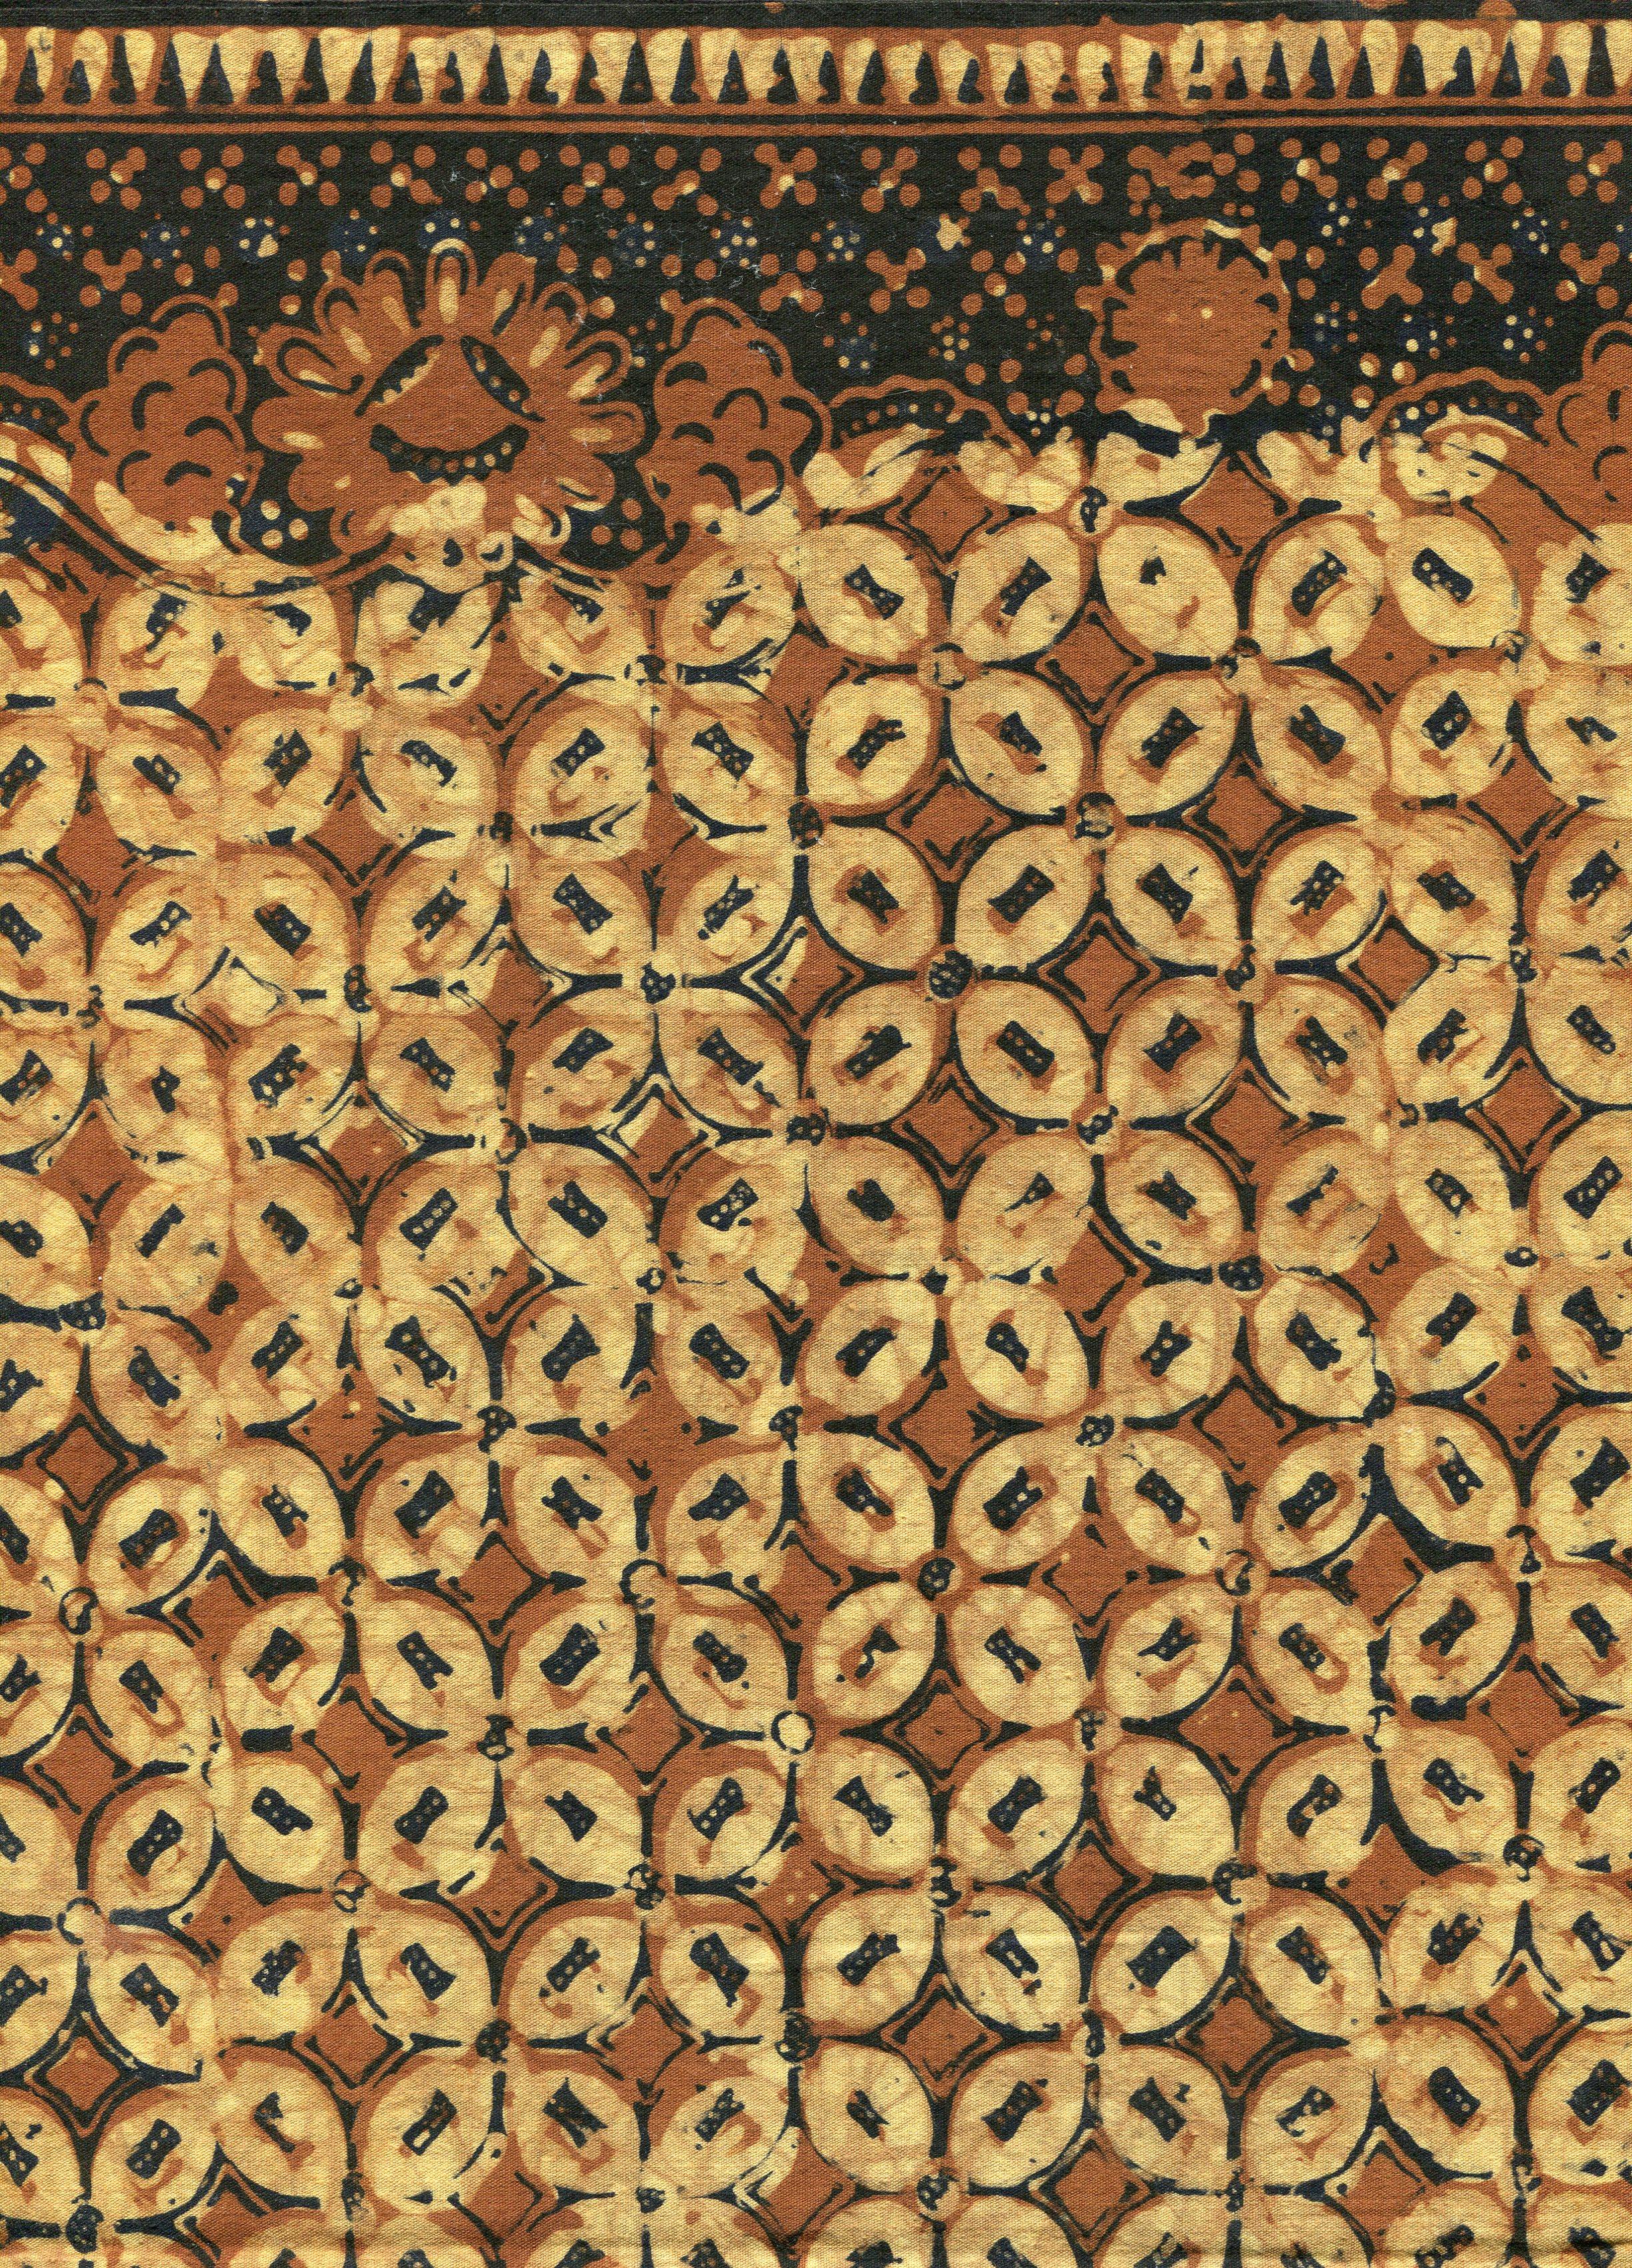 File:Coffee Bean Batik sarong, Indonesia.jpg - Wikipedia